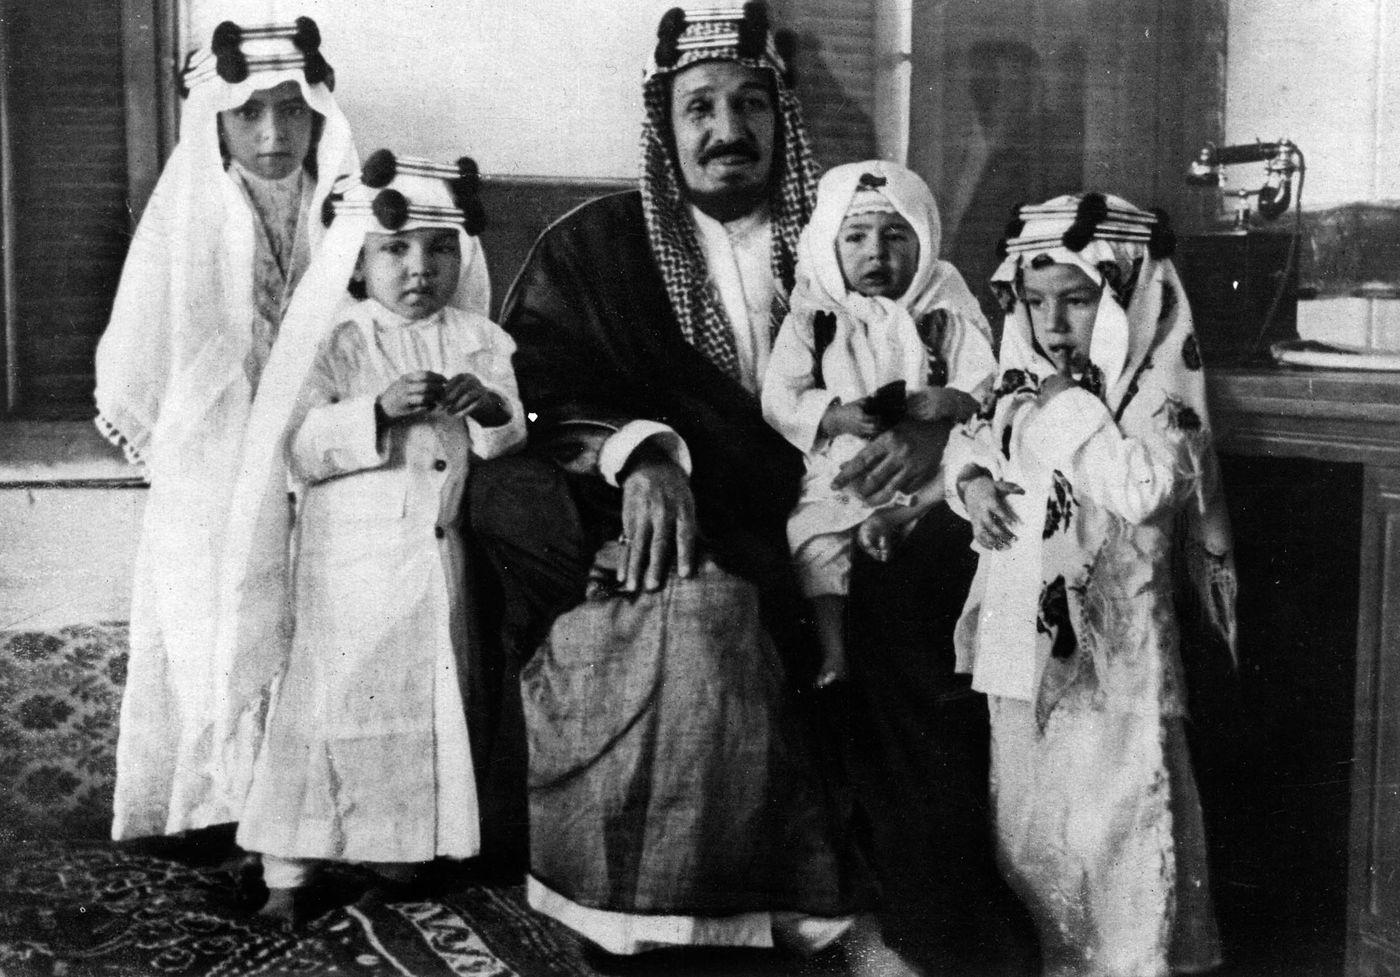 العائلة الملكية في السعودية